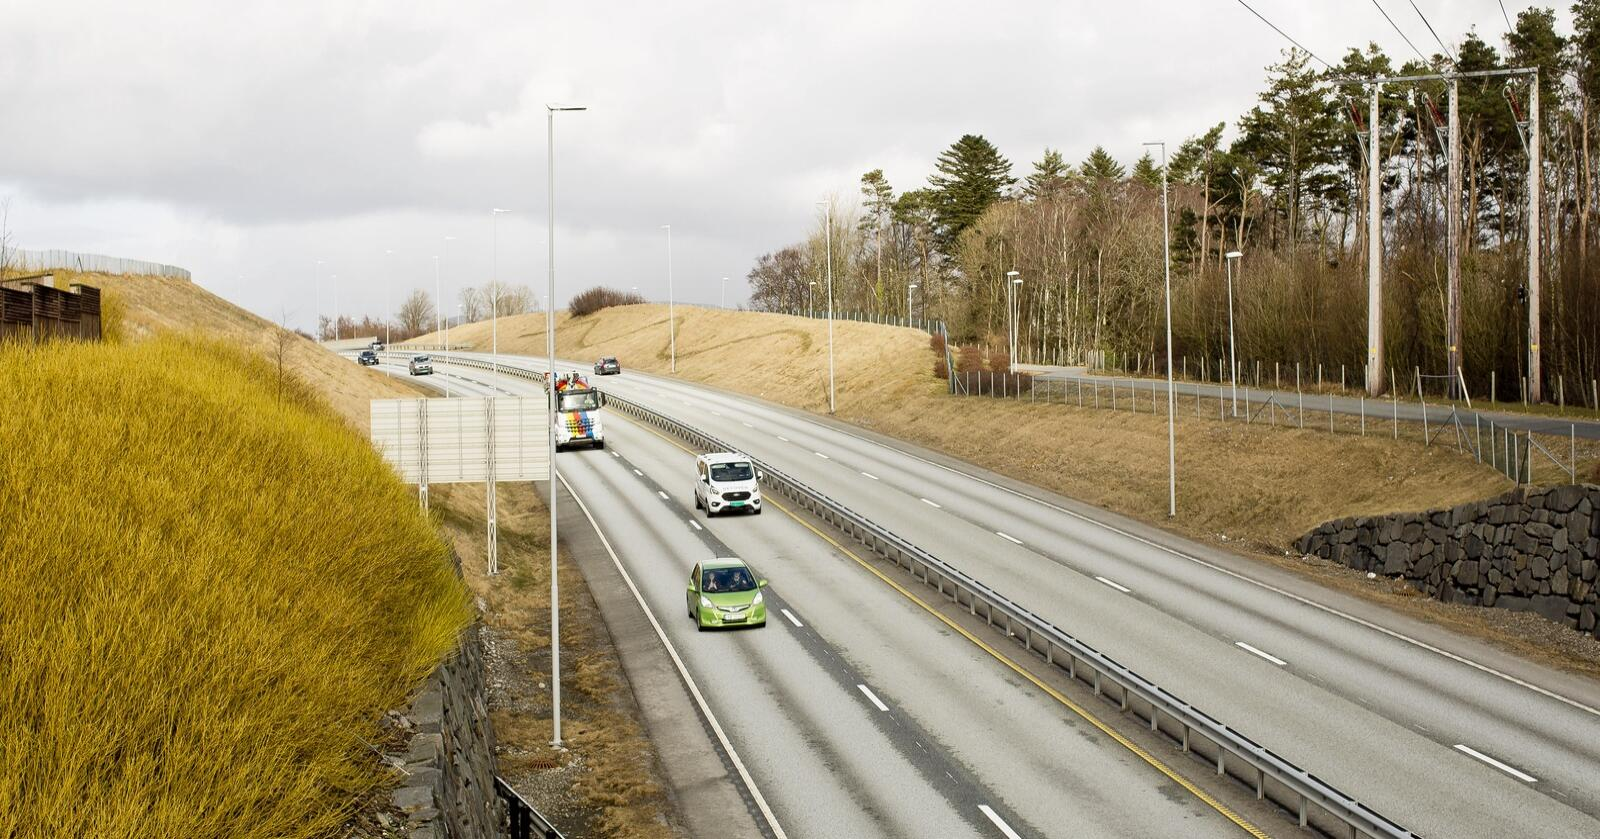 Nye Veier har blitt kritisert for å bygge veier til tross for tap av natur og matjord. Her fra Sandnes. Foto: Solfrid Sande